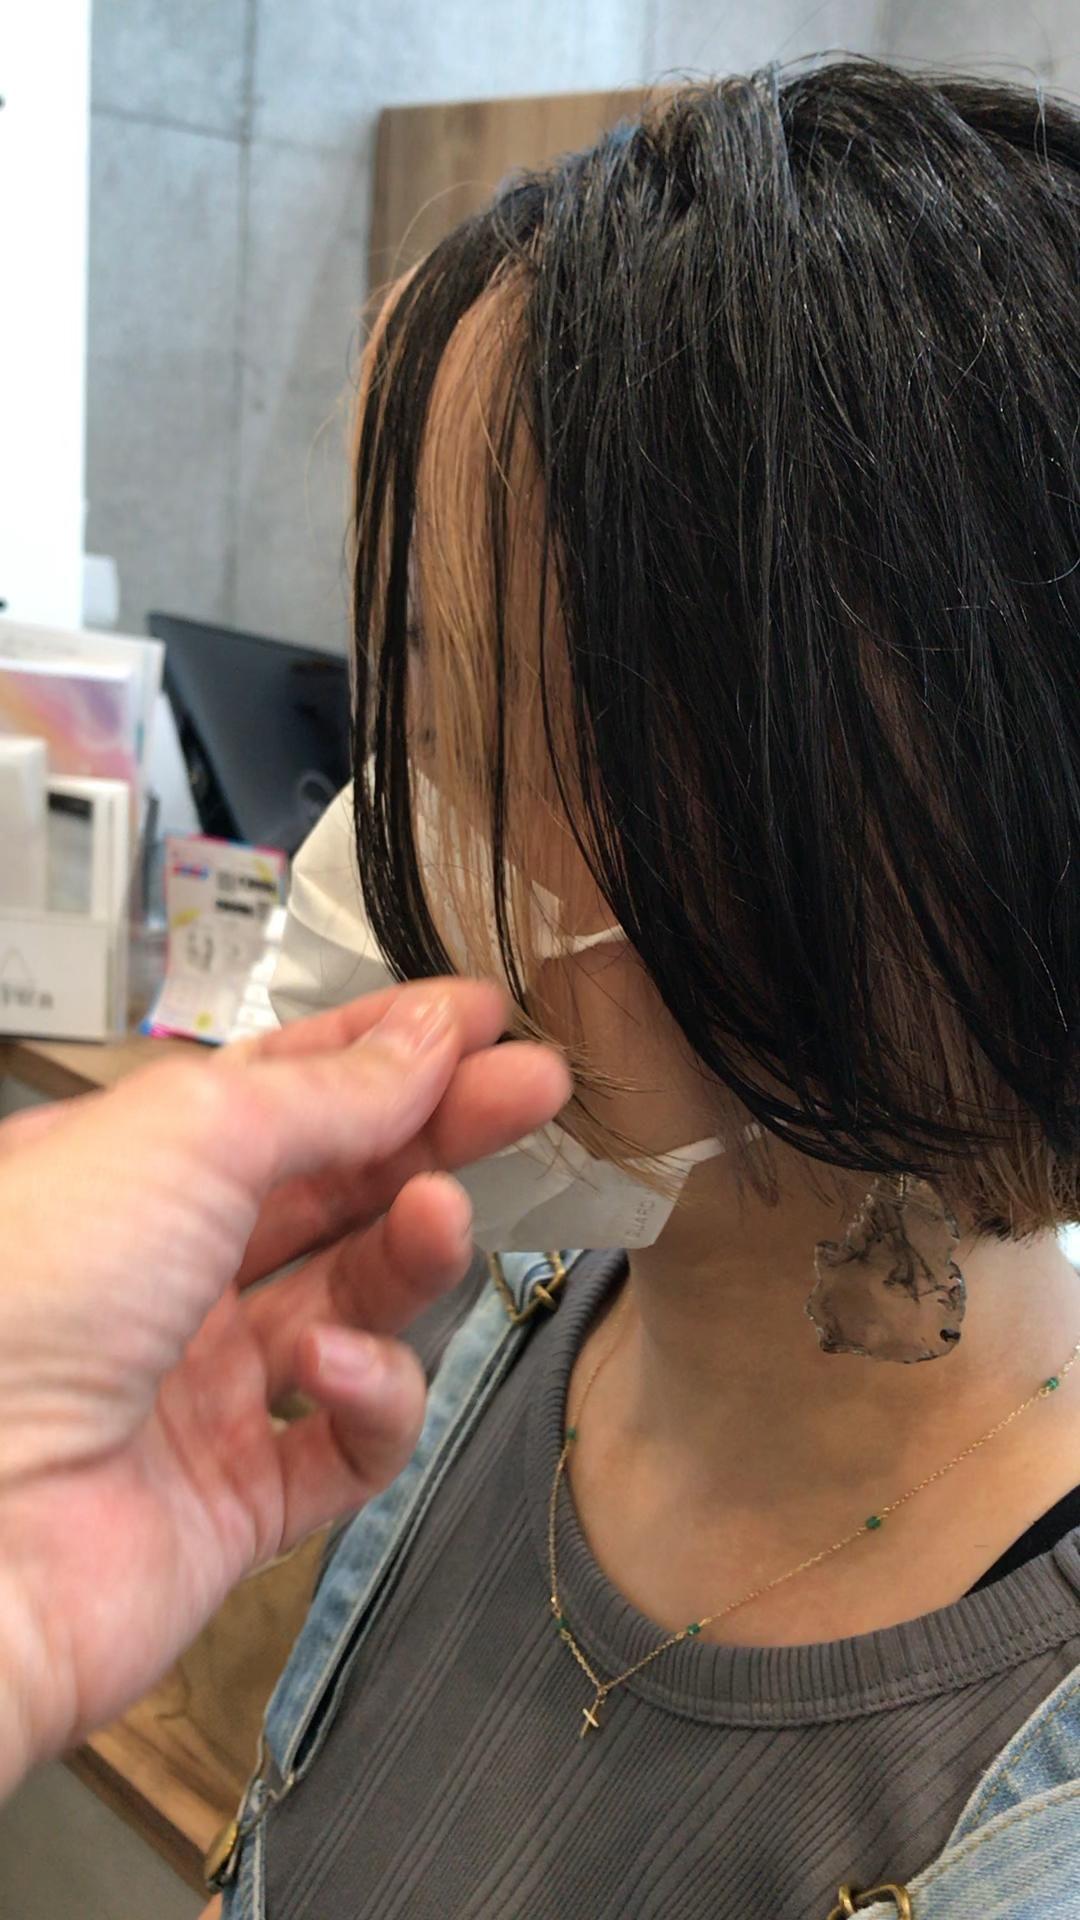 トウノス ショウキチ|ピークス(PEAKS)の美容師・スタイリスト|ホットペッパービューティー